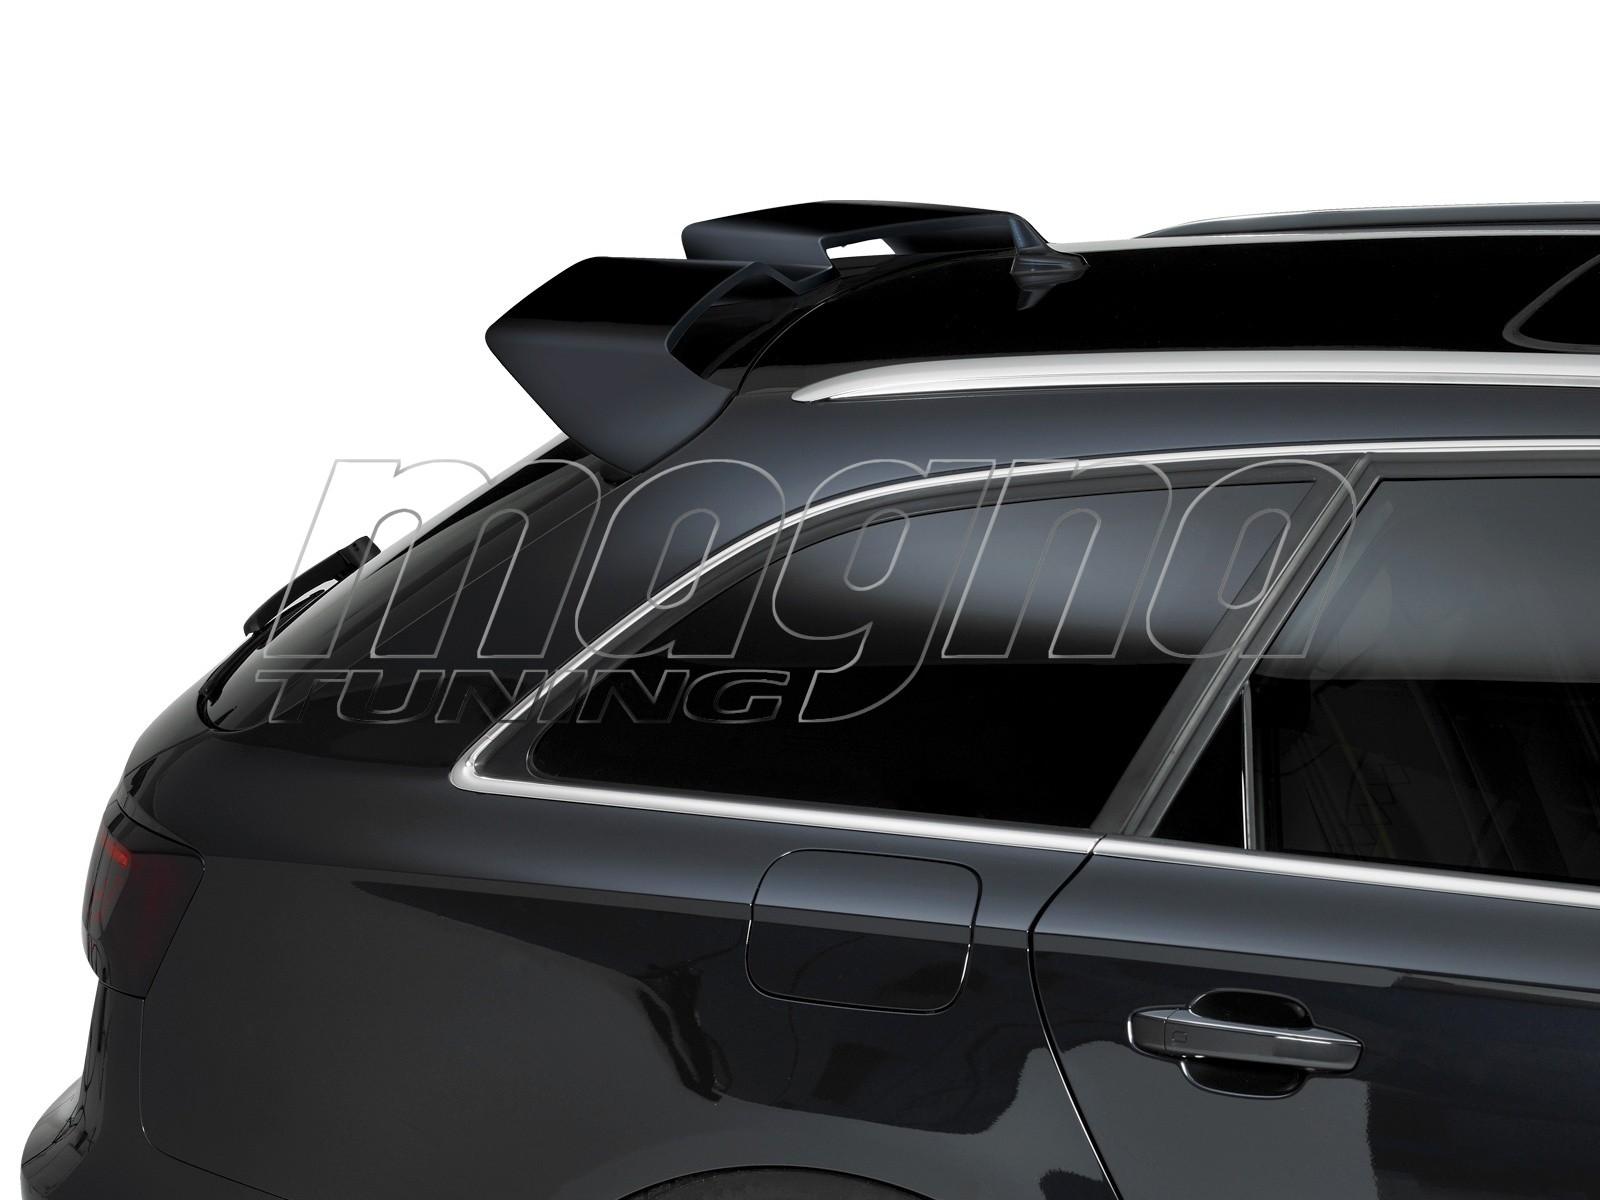 Audi A6 C7 / 4G Crono Body Kit